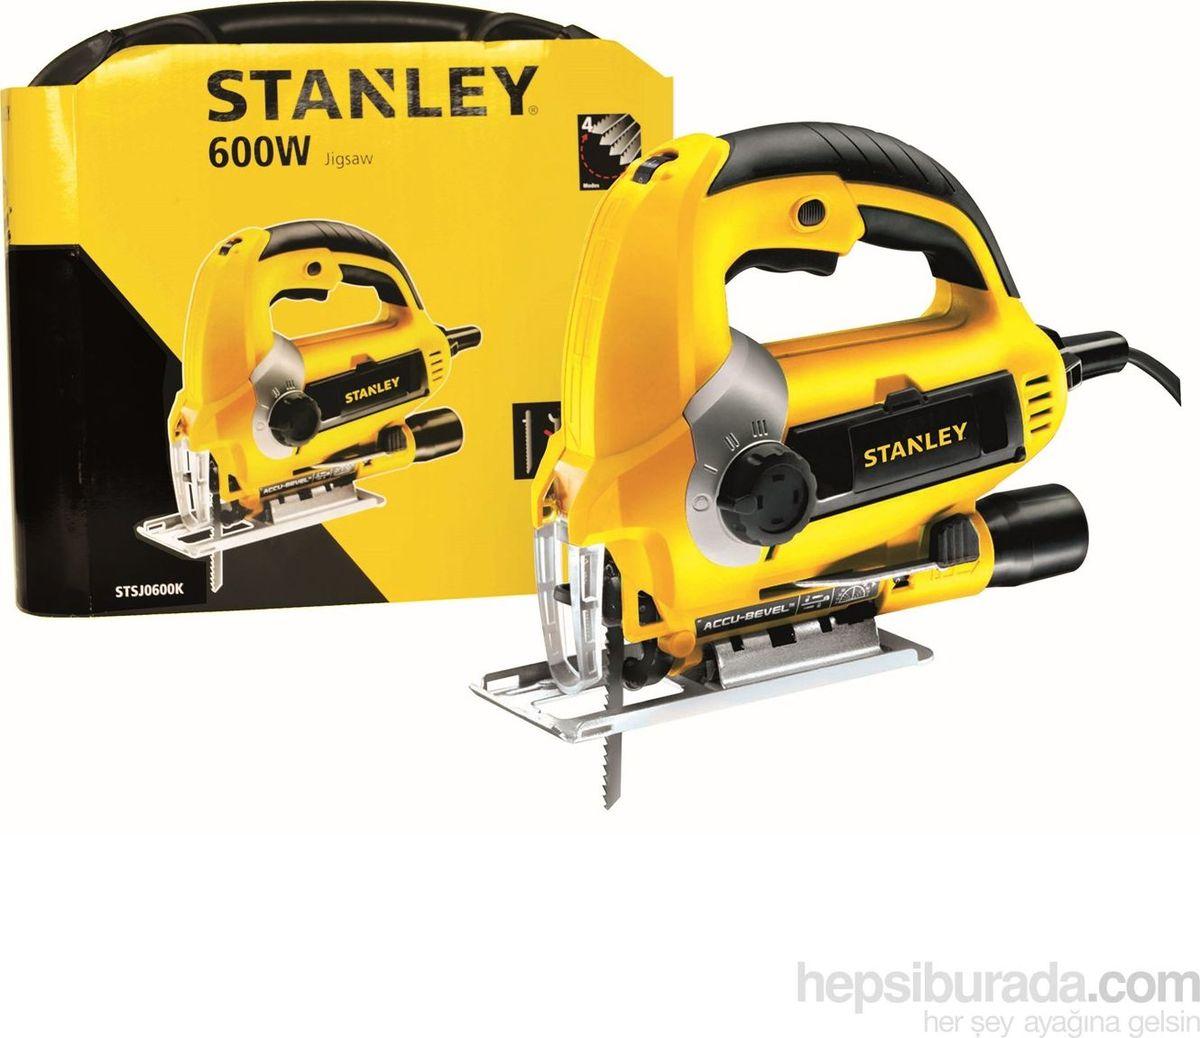 Лобзик Stanley. STSJ0600STSJ0600Лобзик Stanley справляется с высокими нагрузками. Подошва может наклоняться до 45°, для ее настройки не требуются дополнительные инструменты. Рукоятка снабжена резиновым покрытием, что делает рабочий процесс гораздо комфортнее. Предусмотрен специальный патрубок, к которому можно подключать пылесос. Благодаря этому рабочее место остается чистым.